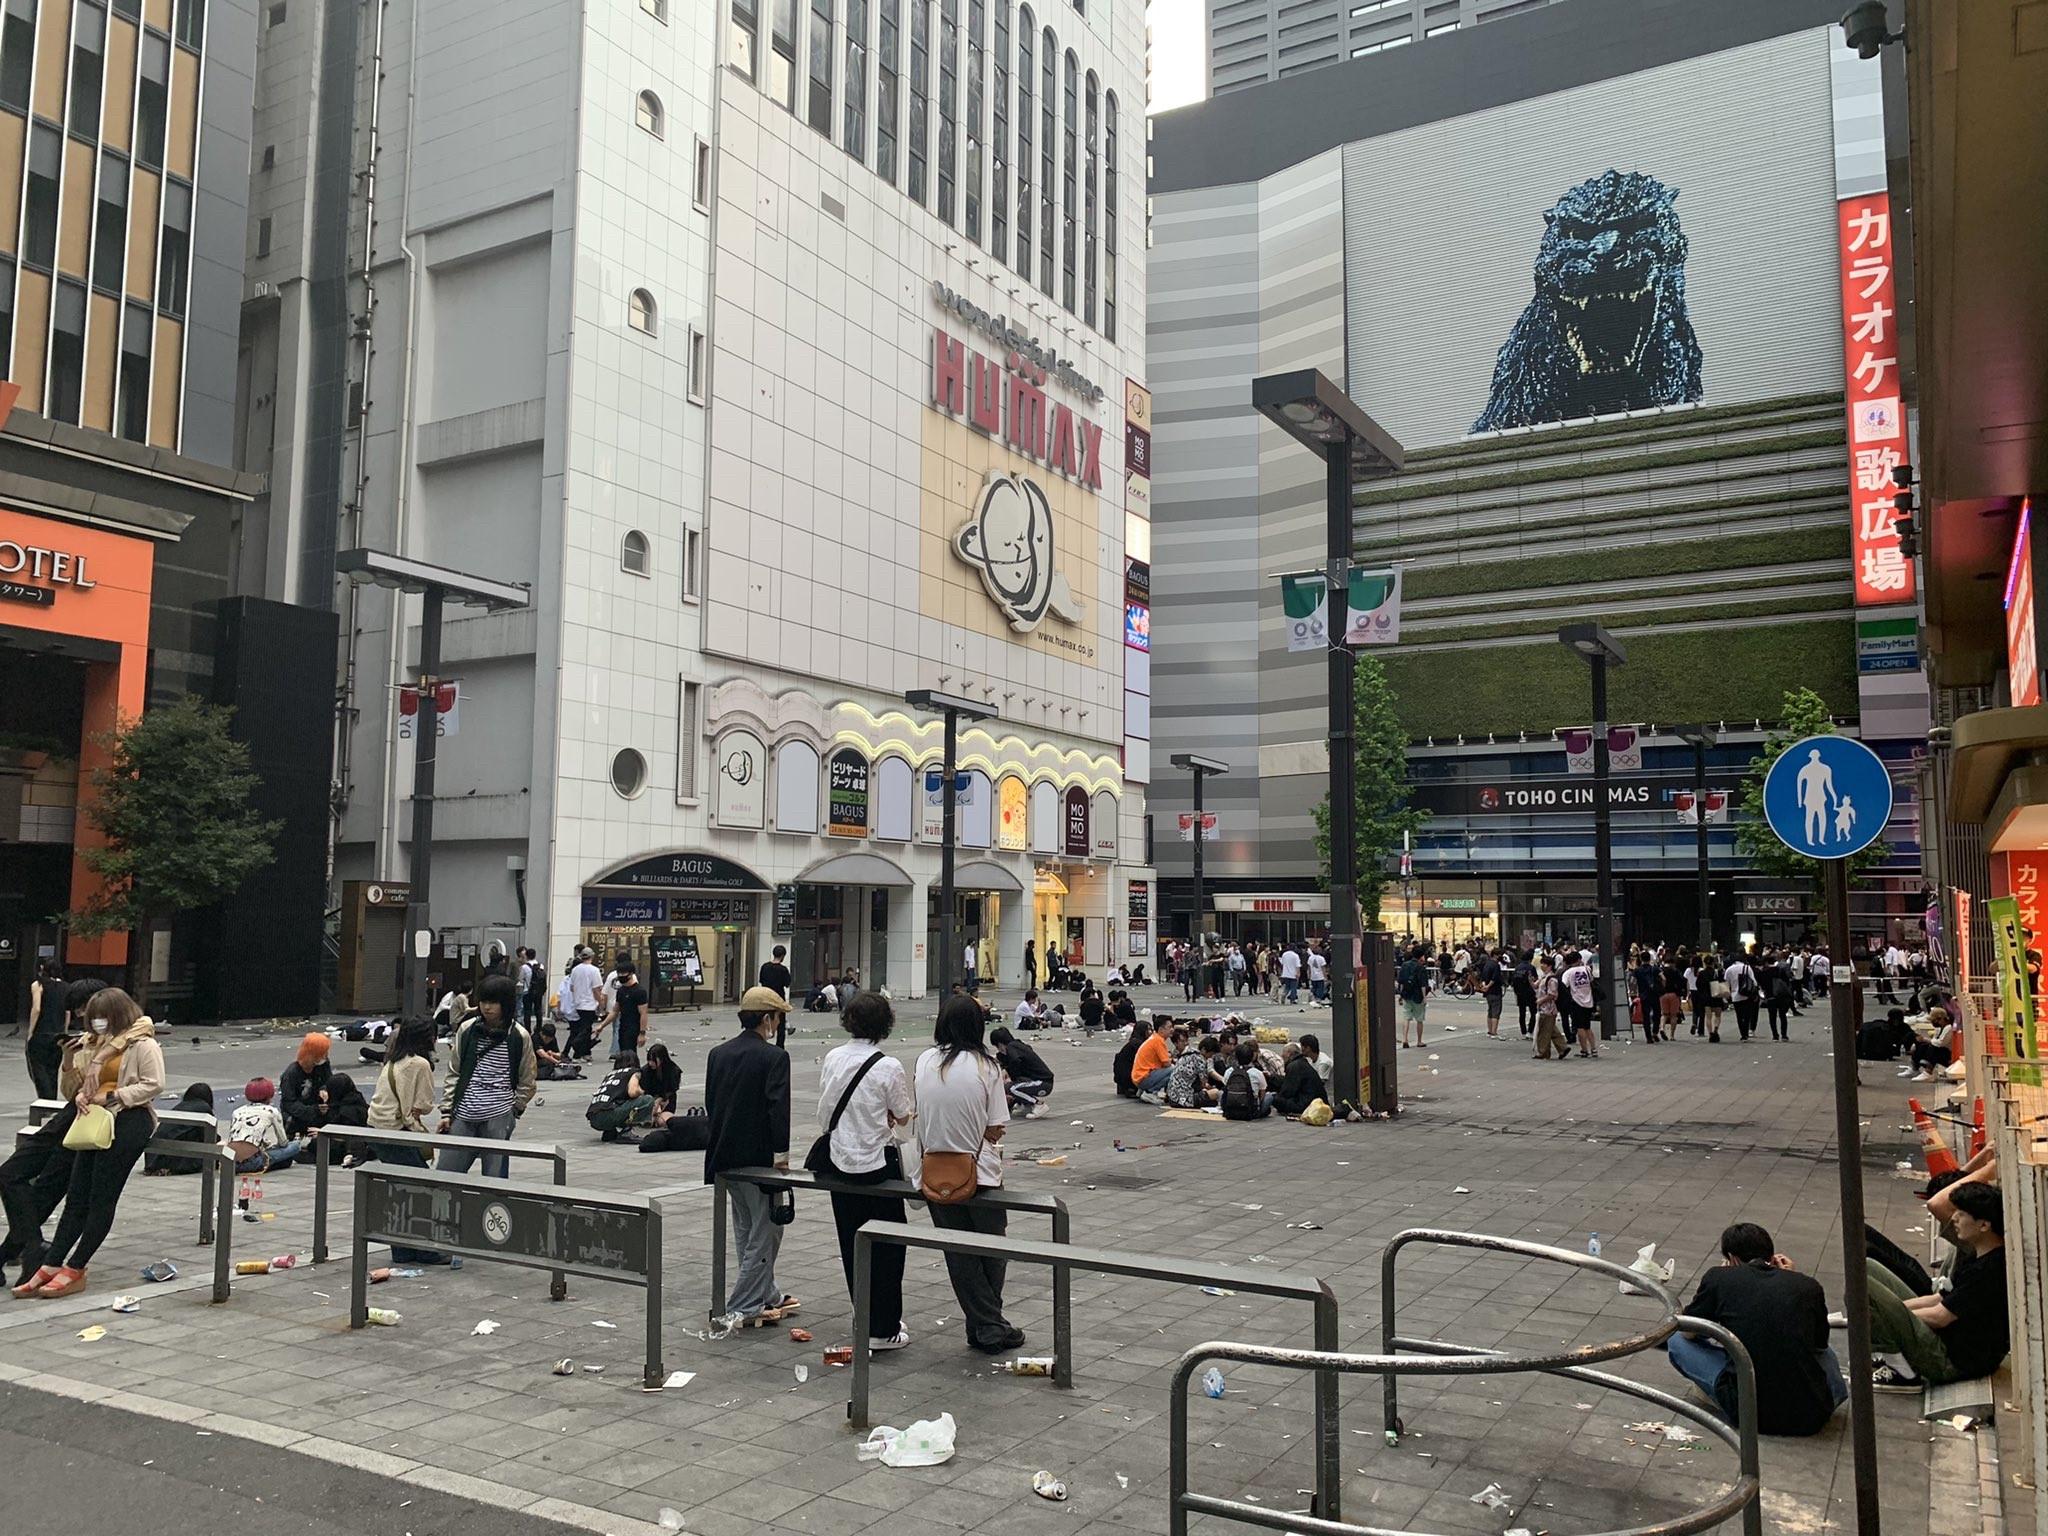 【画像】今朝の歌舞伎町の様子がこちら  いつの間にかヤベー国になってた…